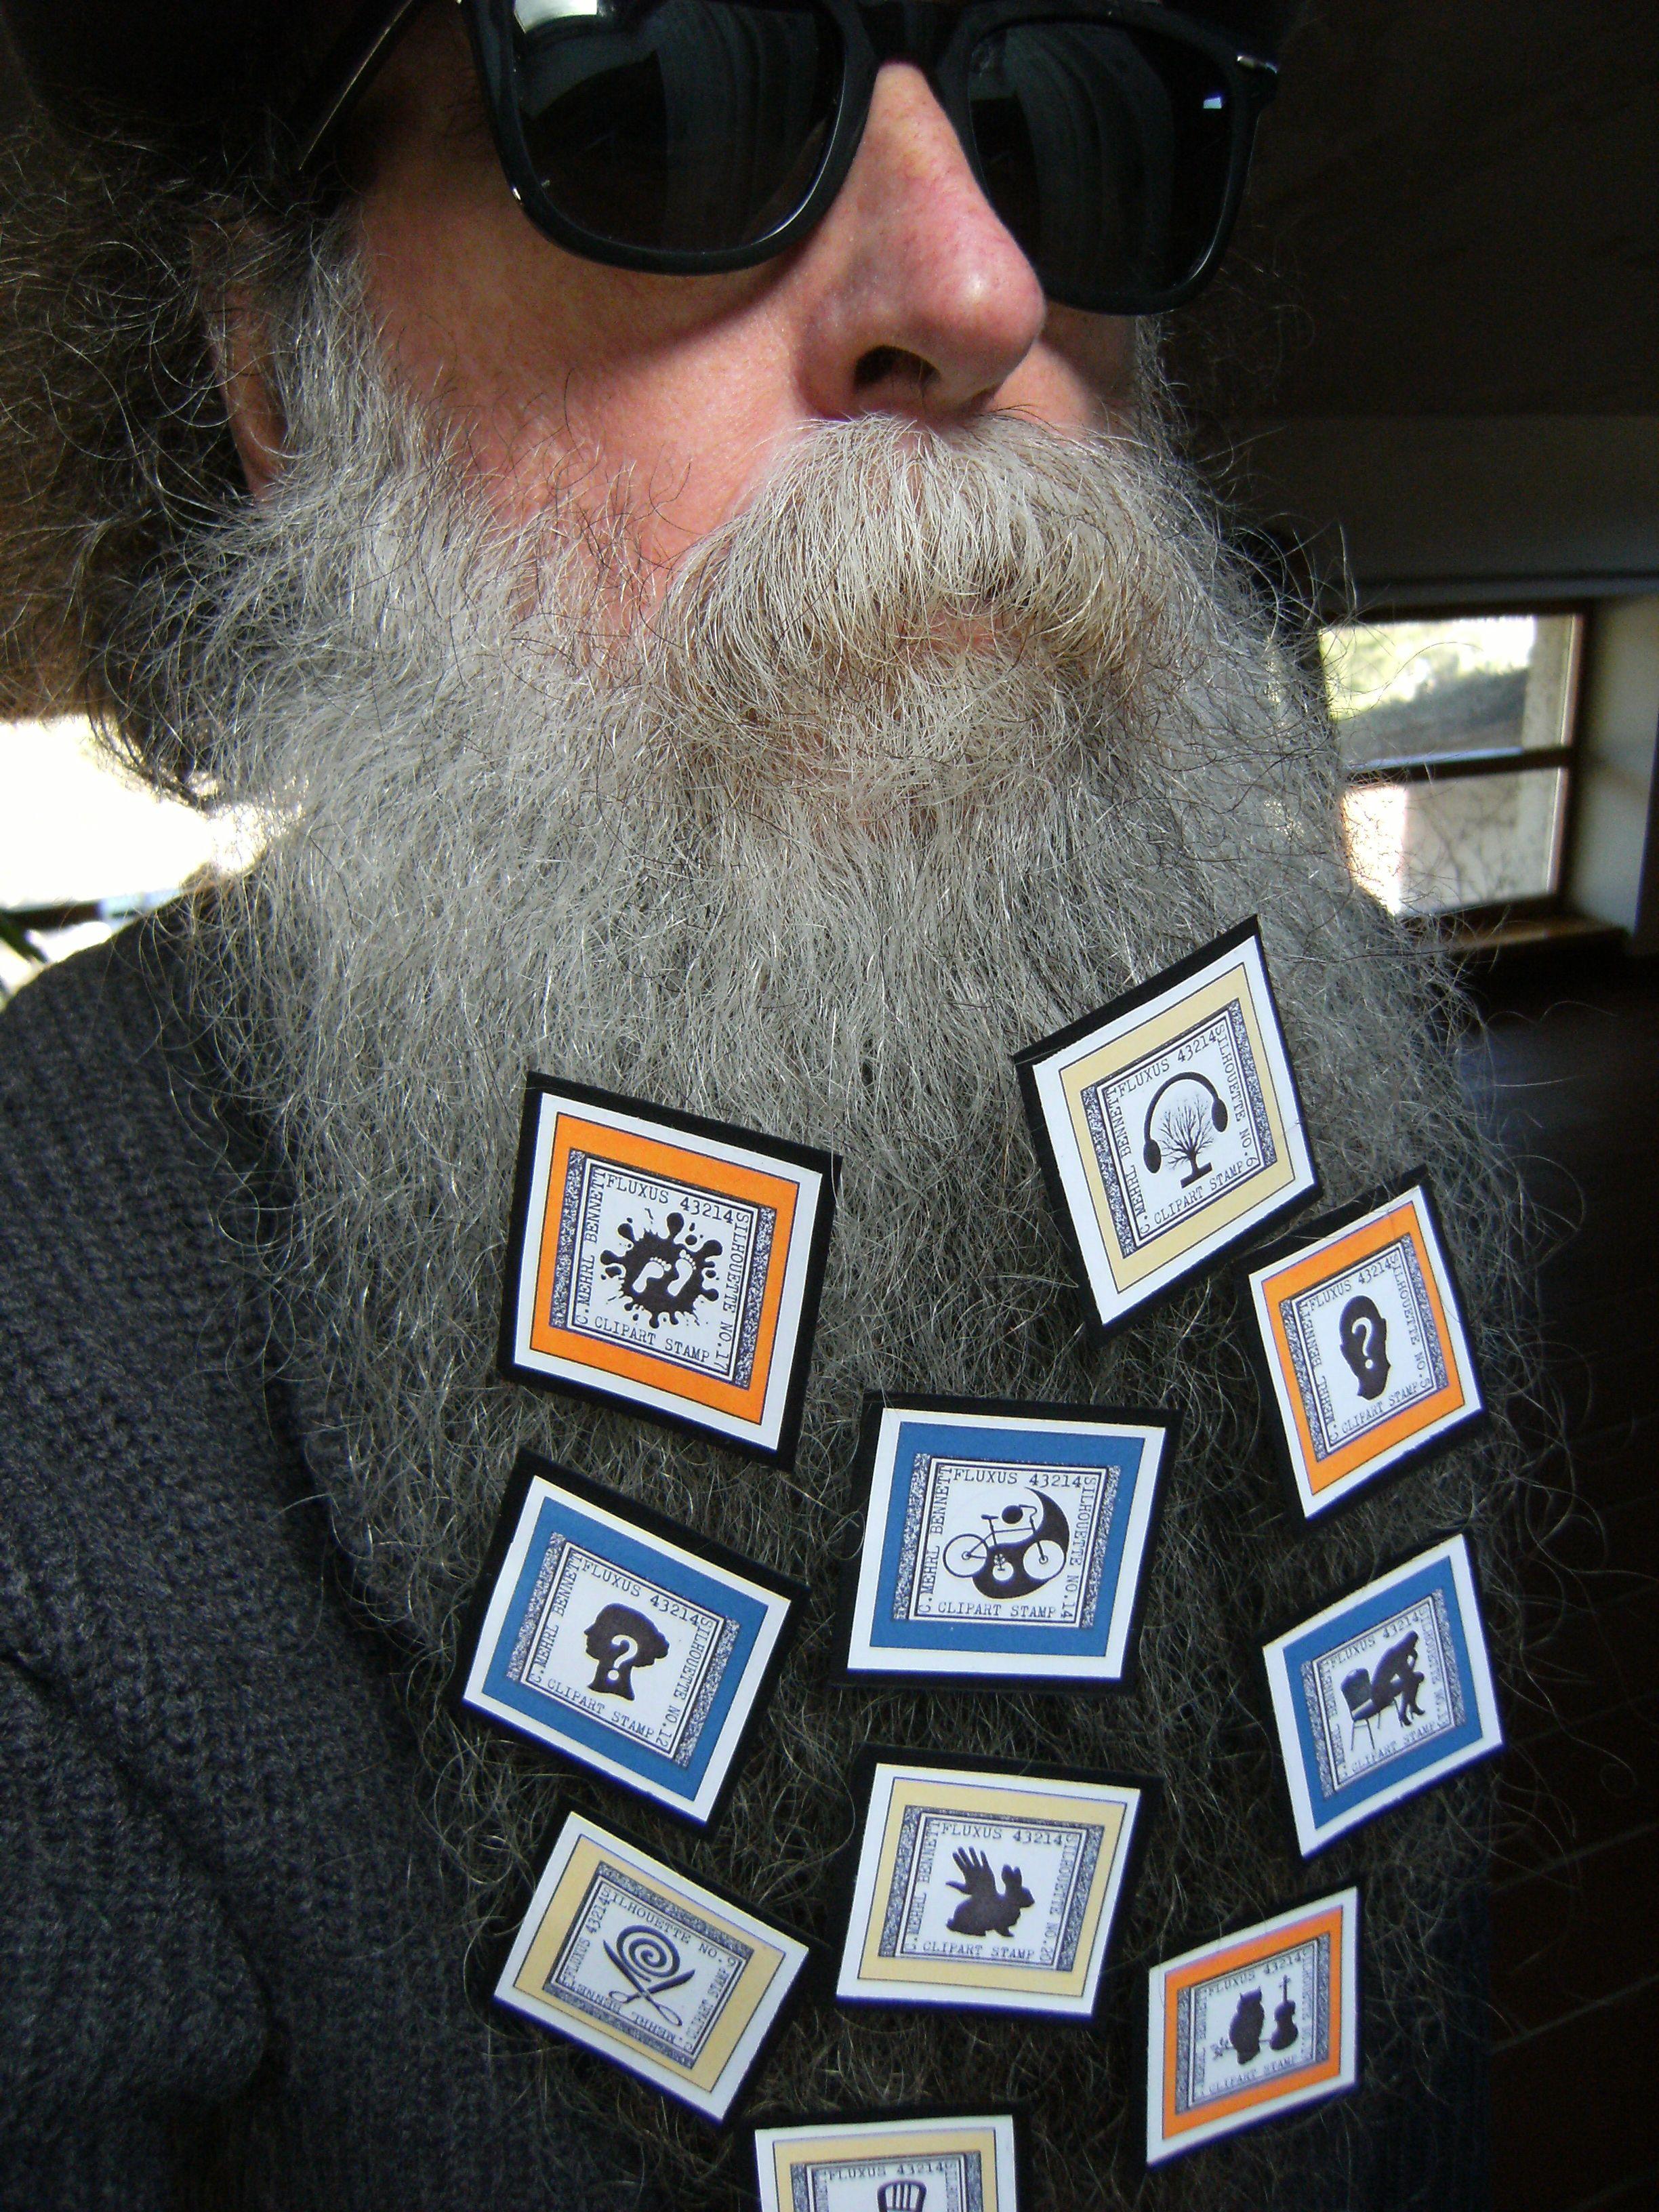 BEARD GALLERY - Opere di C.Mehrl Bennet installate sulla mia barba (Galleria Pensile)